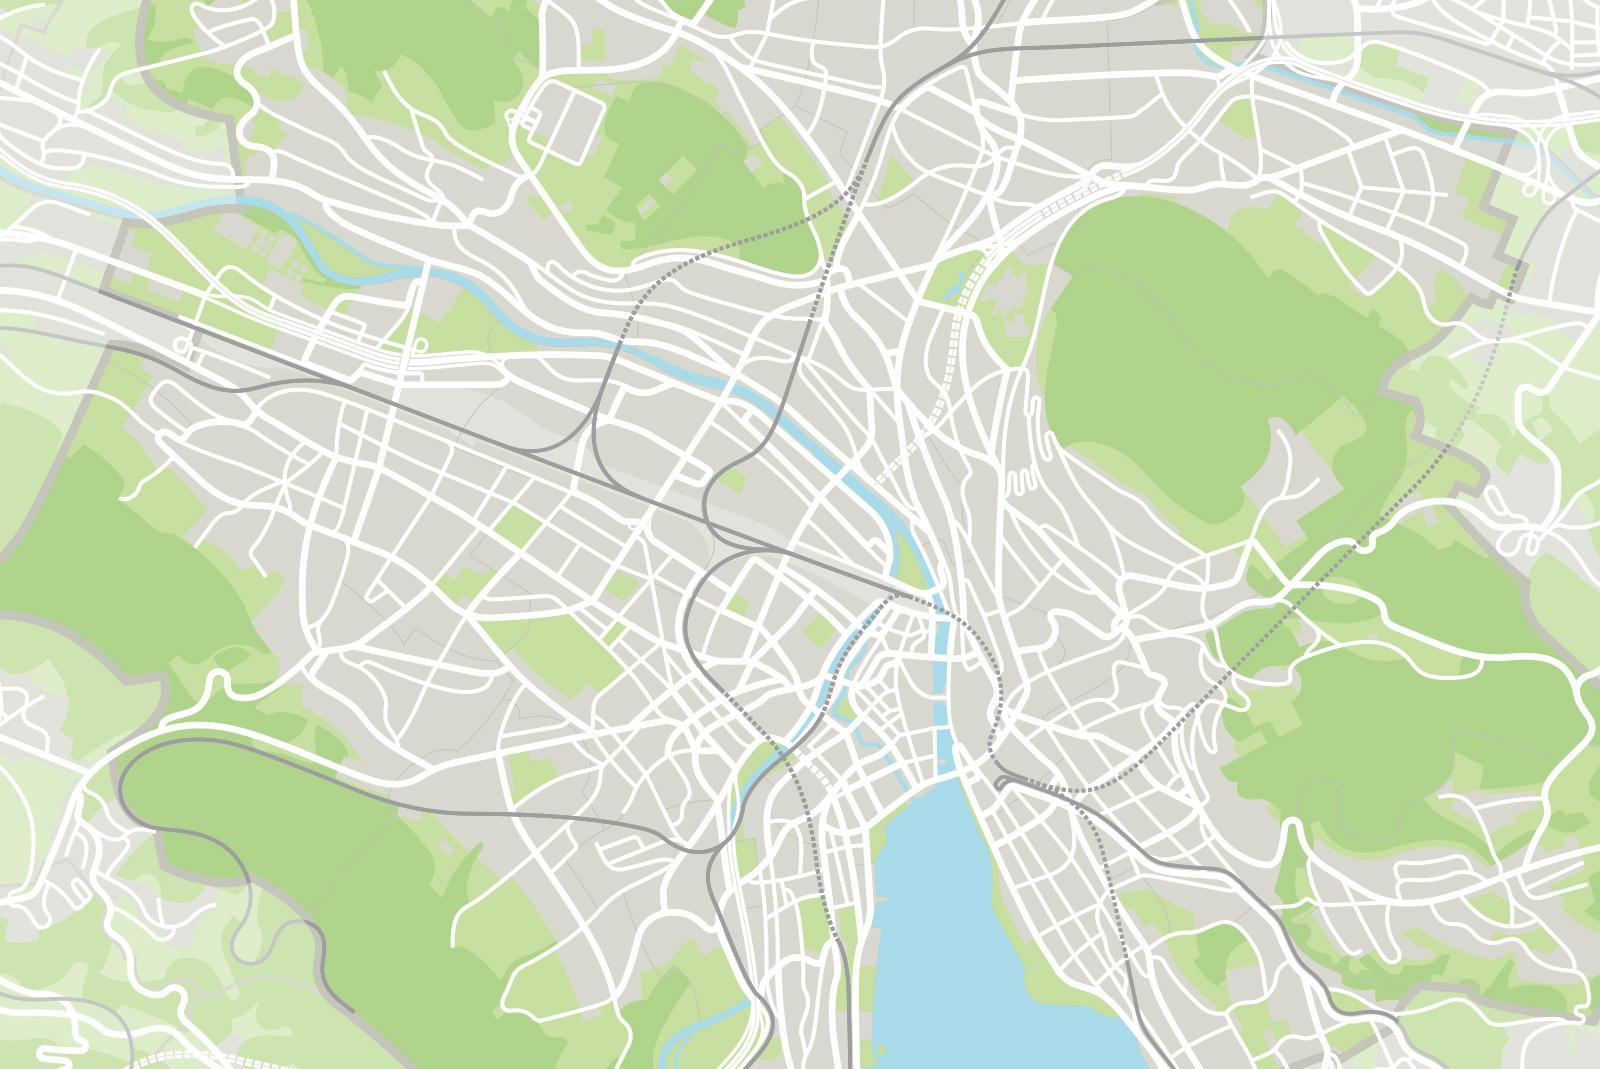 Plan mit Haupt- und Nebenstrassen